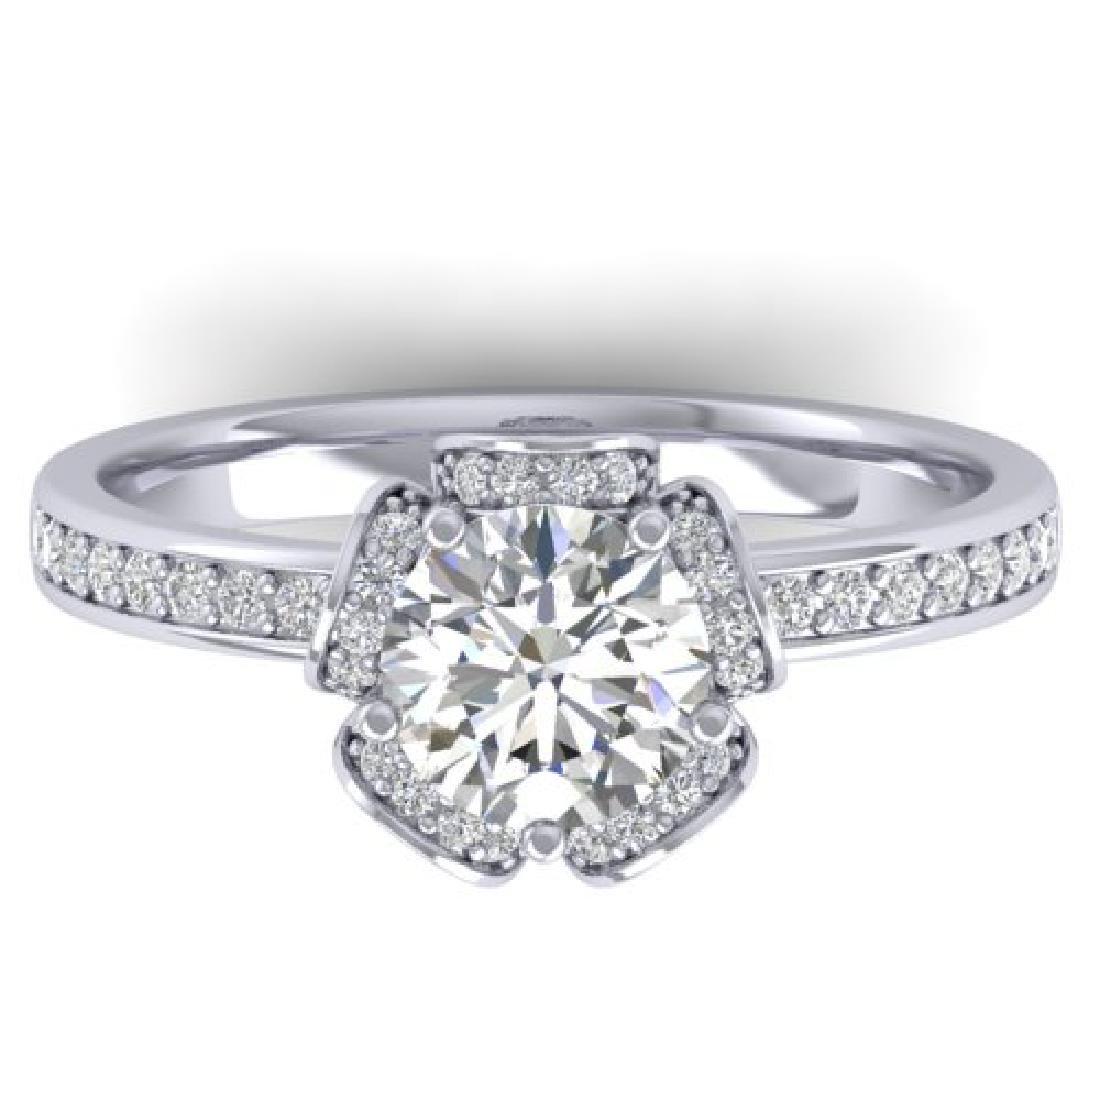 1.75 CTW Certified VS/SI Diamond Art Deco Ring 18K